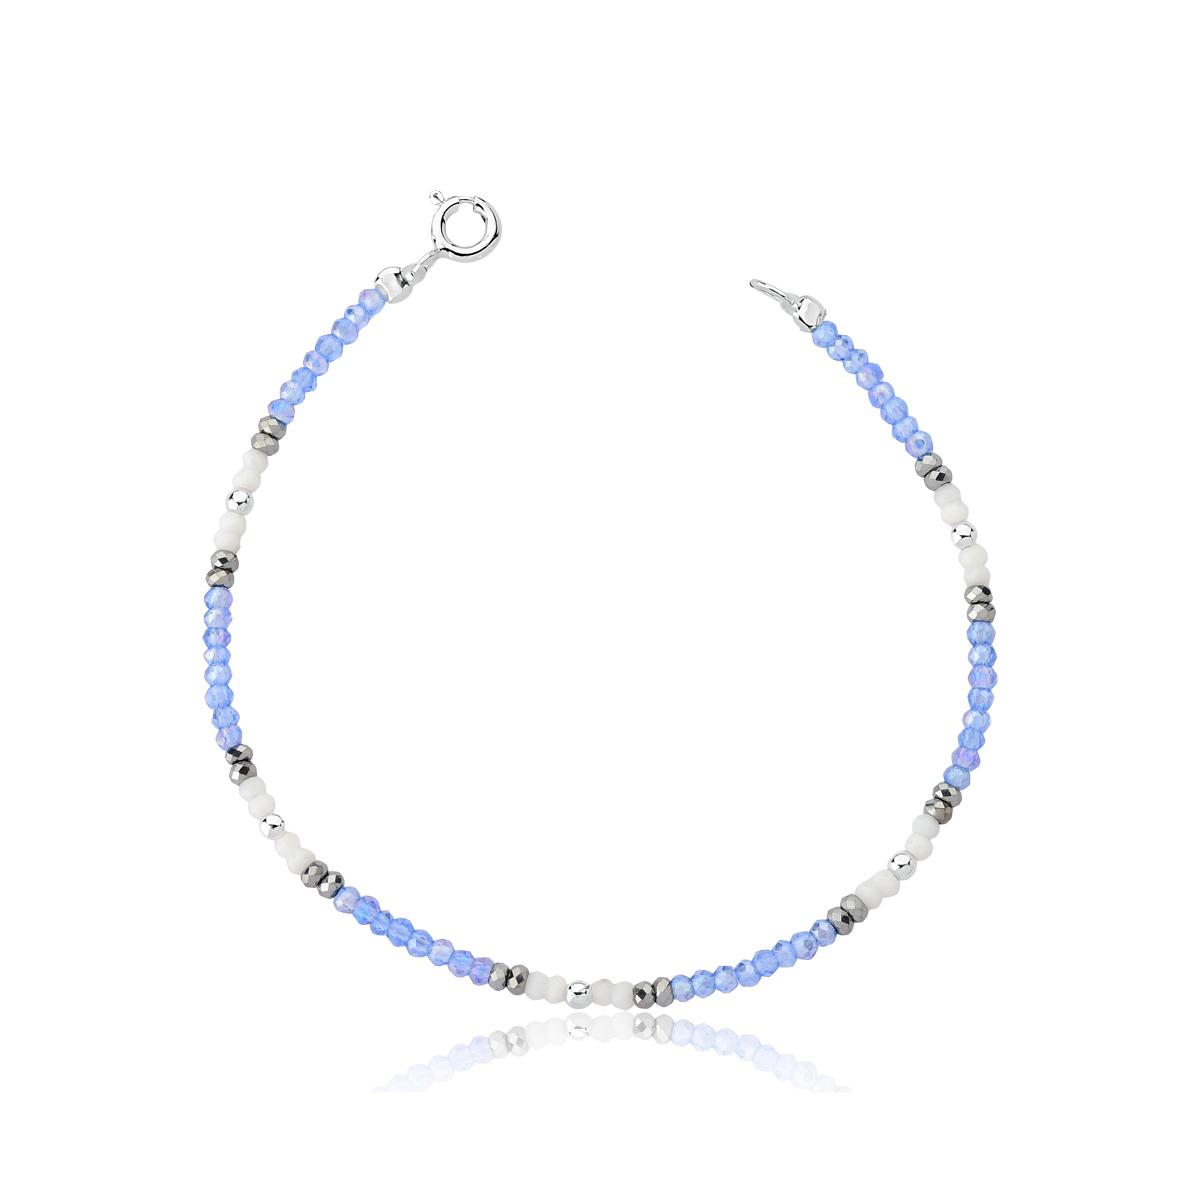 Pulseira Cristal Azul e Branco com Bolinhas